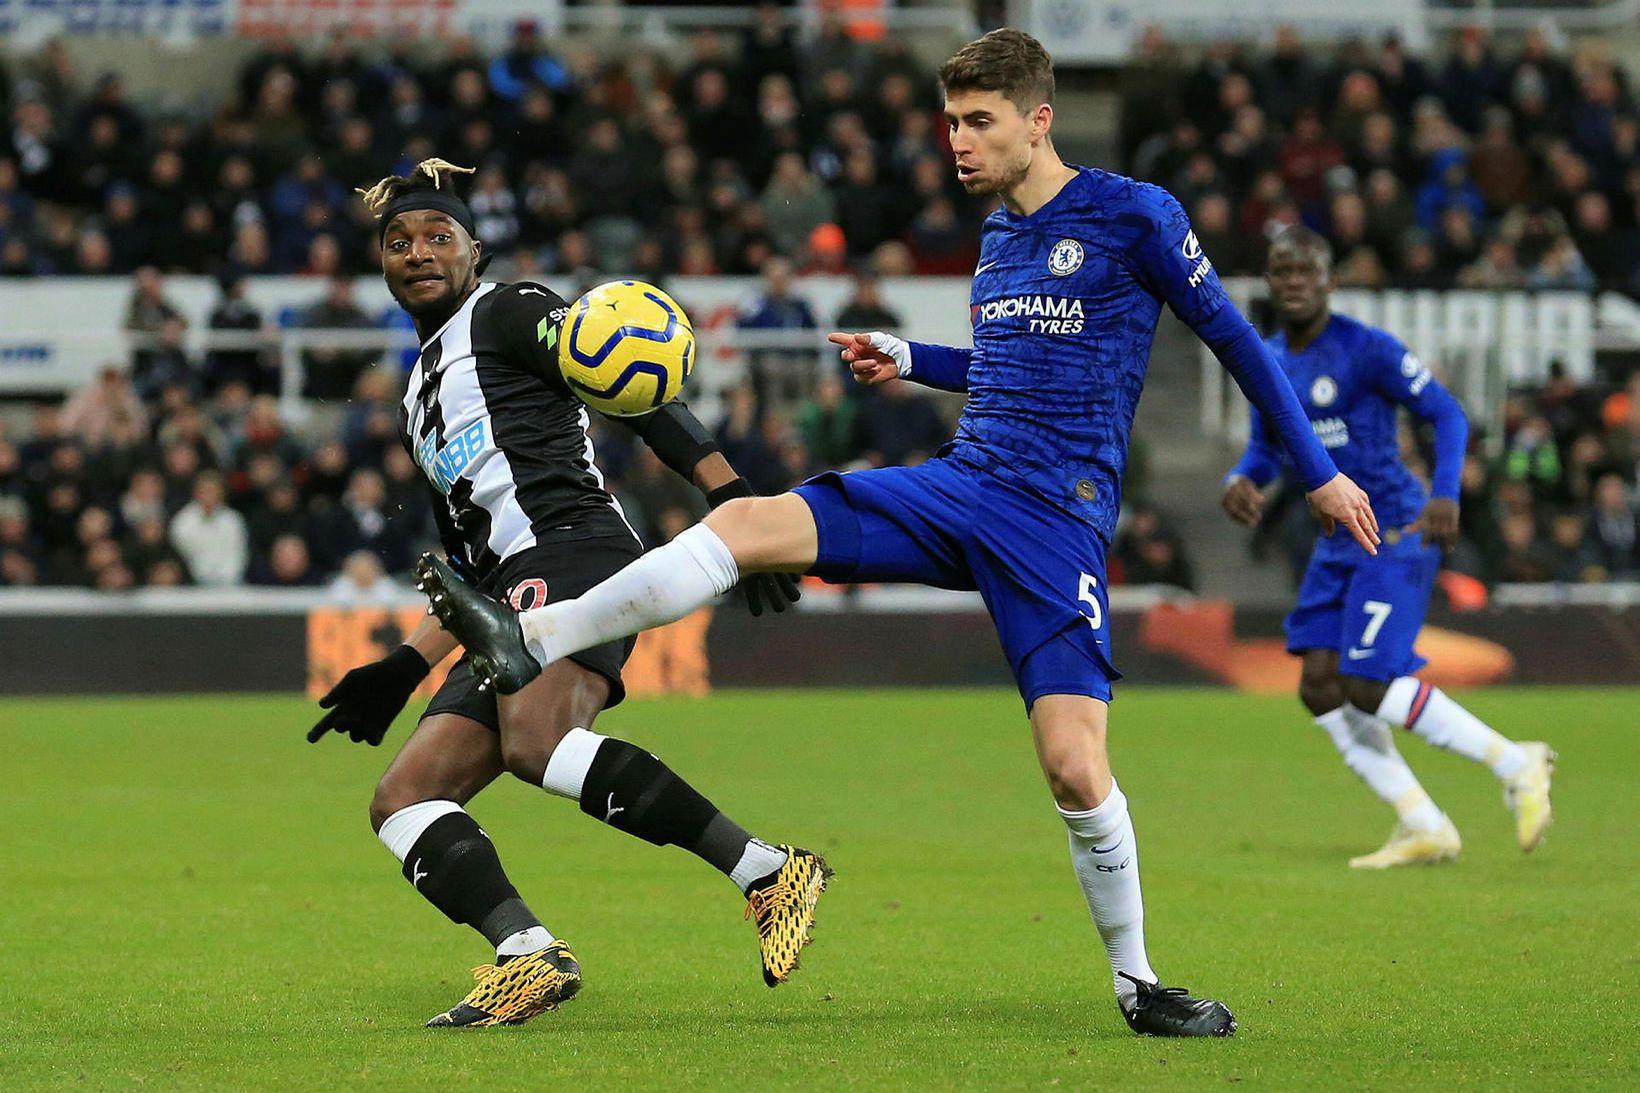 Allan Saint-Maximin eltir Jorginho í leik Newcastle og Chelsea í …